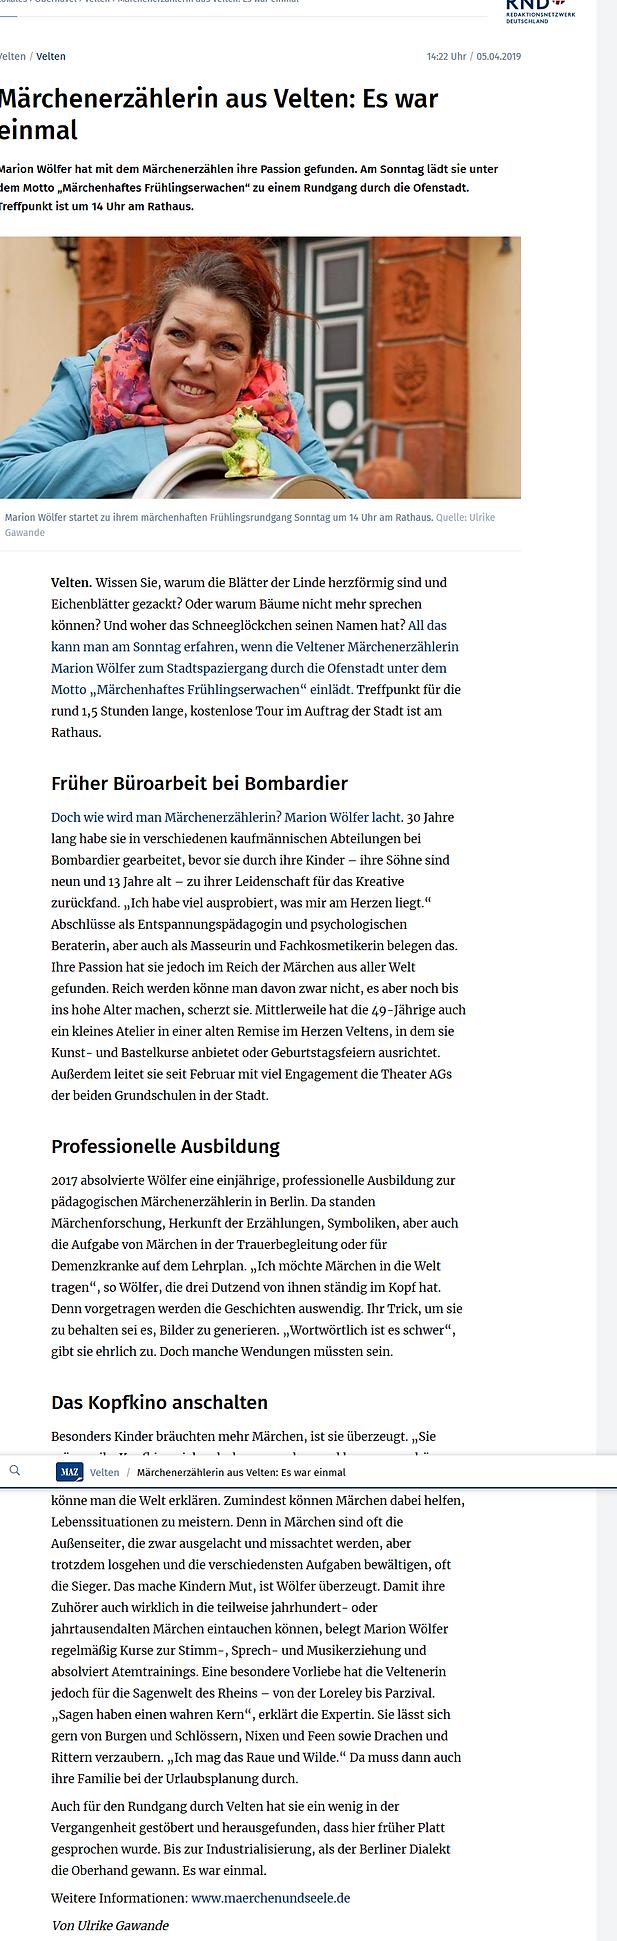 Märkische_Allgemeine_5.4.19_-_Märchenerz